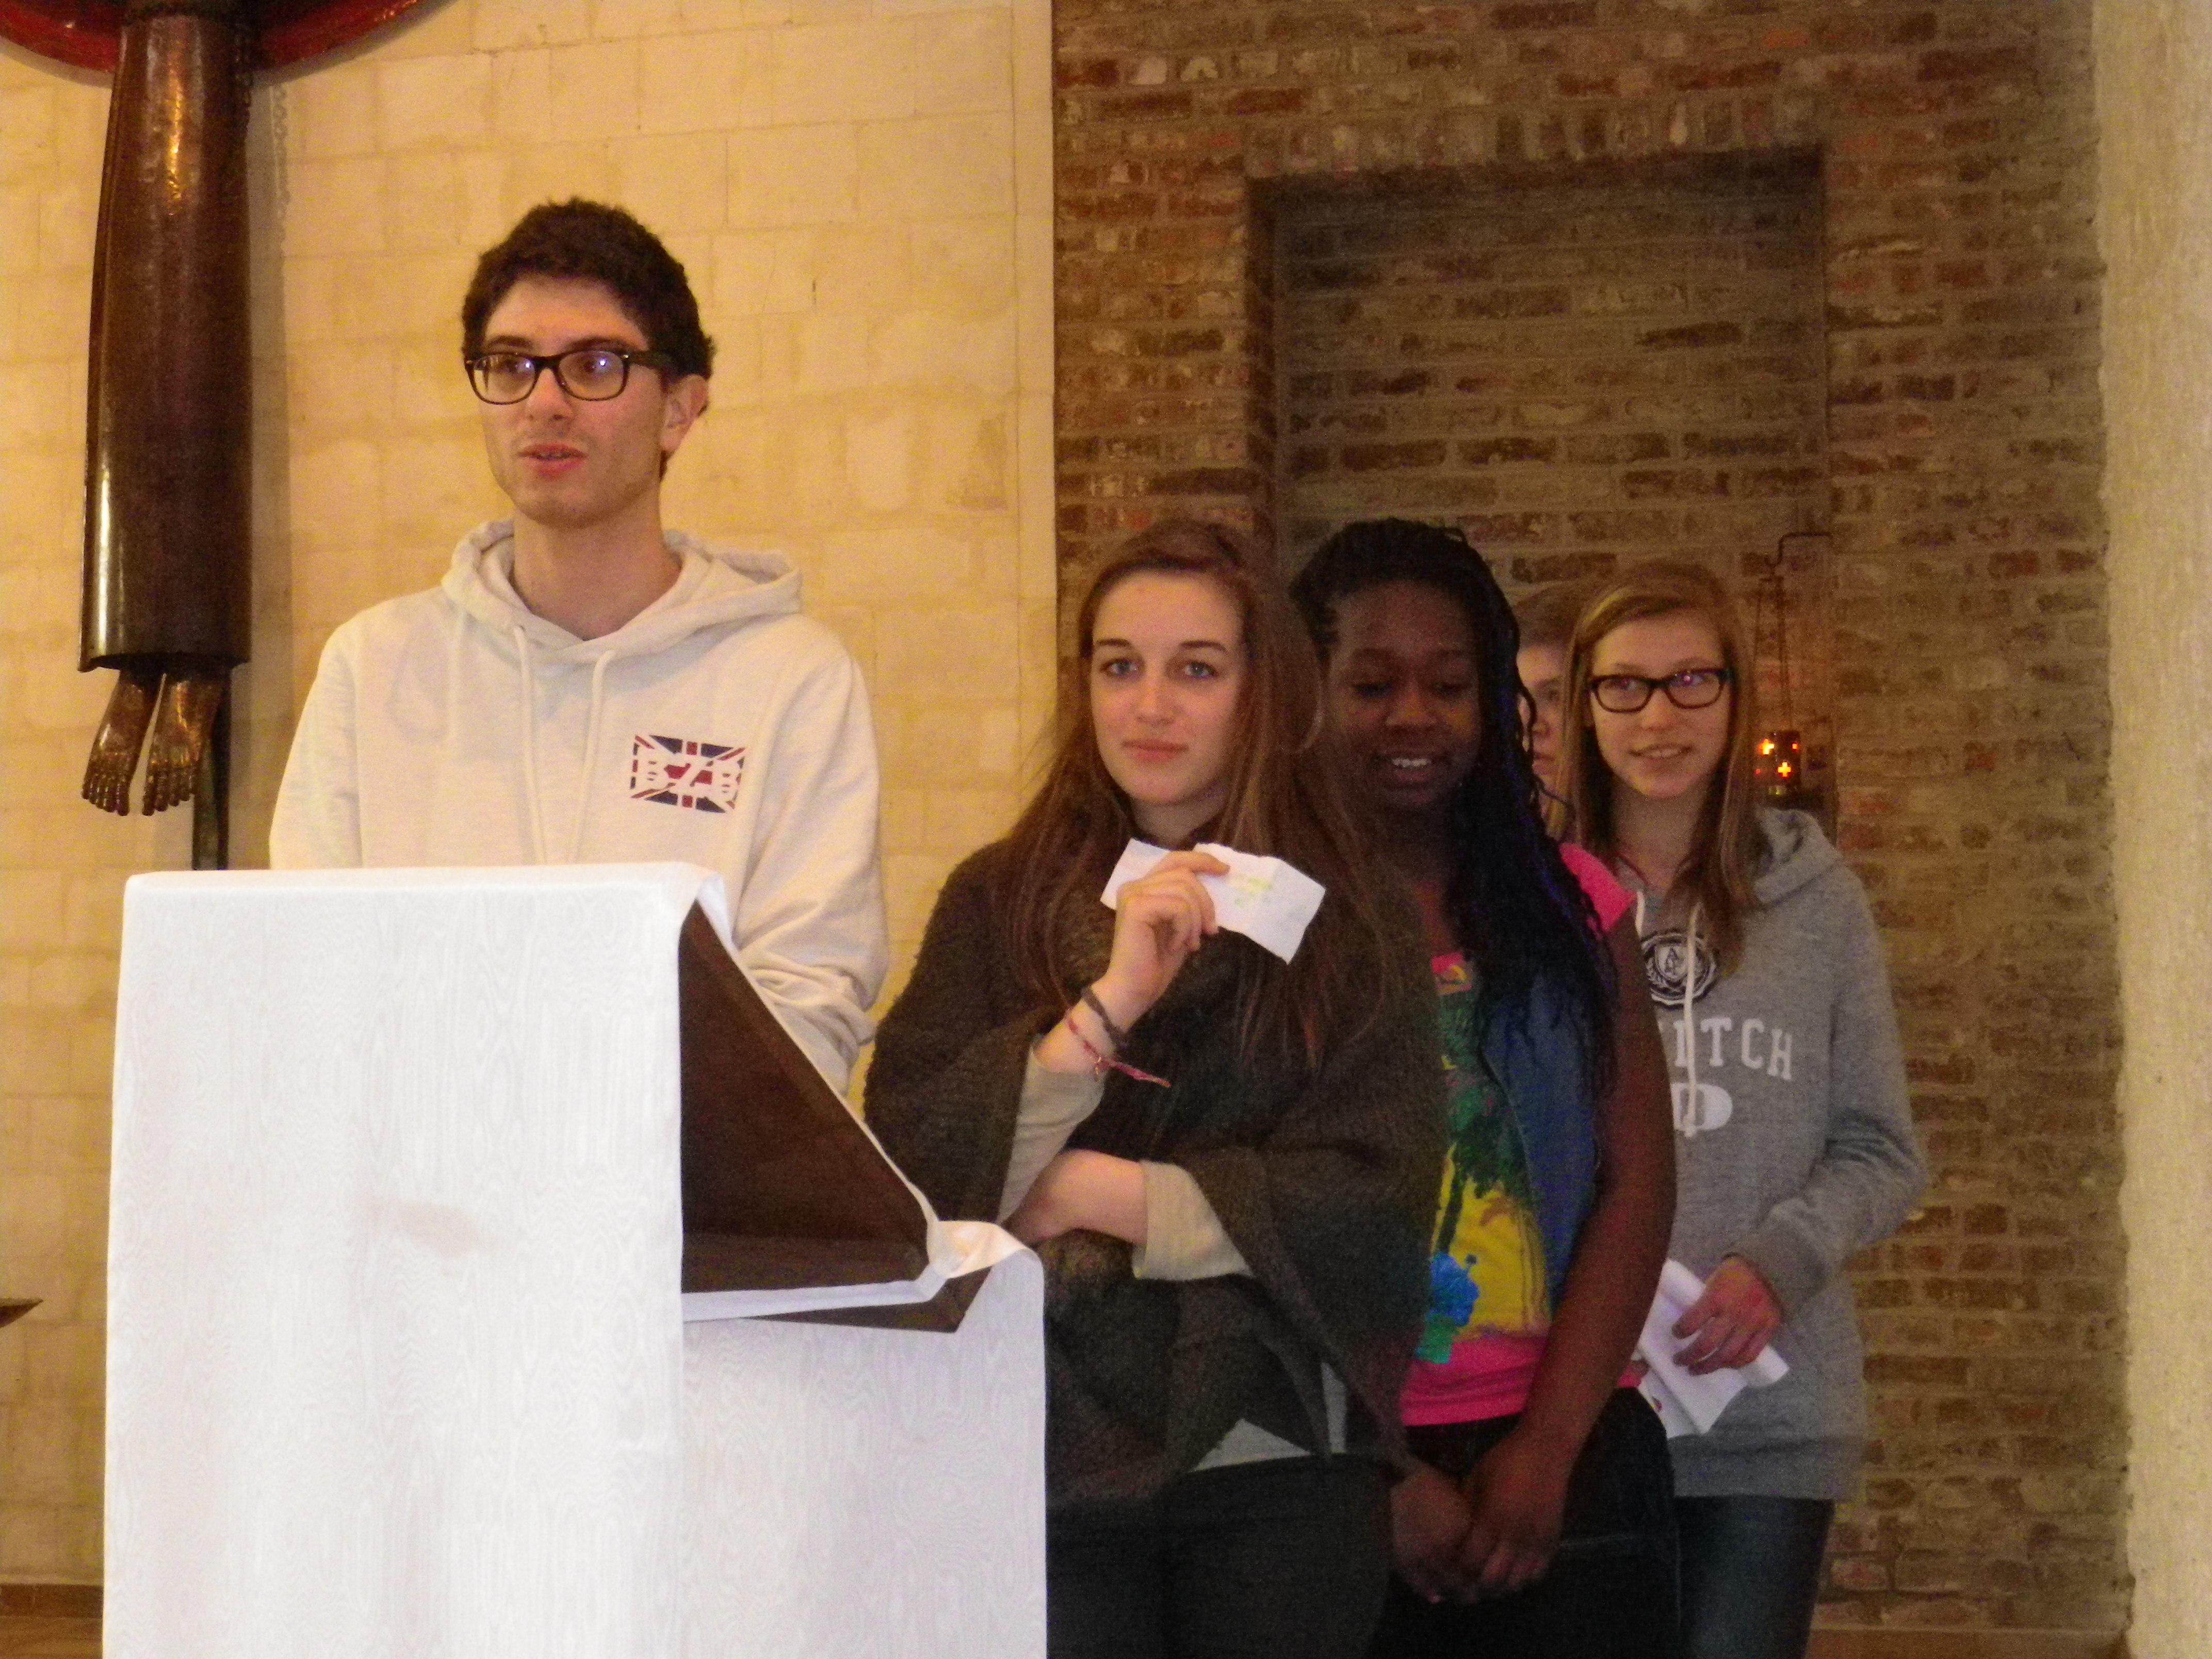 Les jeunes lisent la prière universelle qu'ils ont préparée.